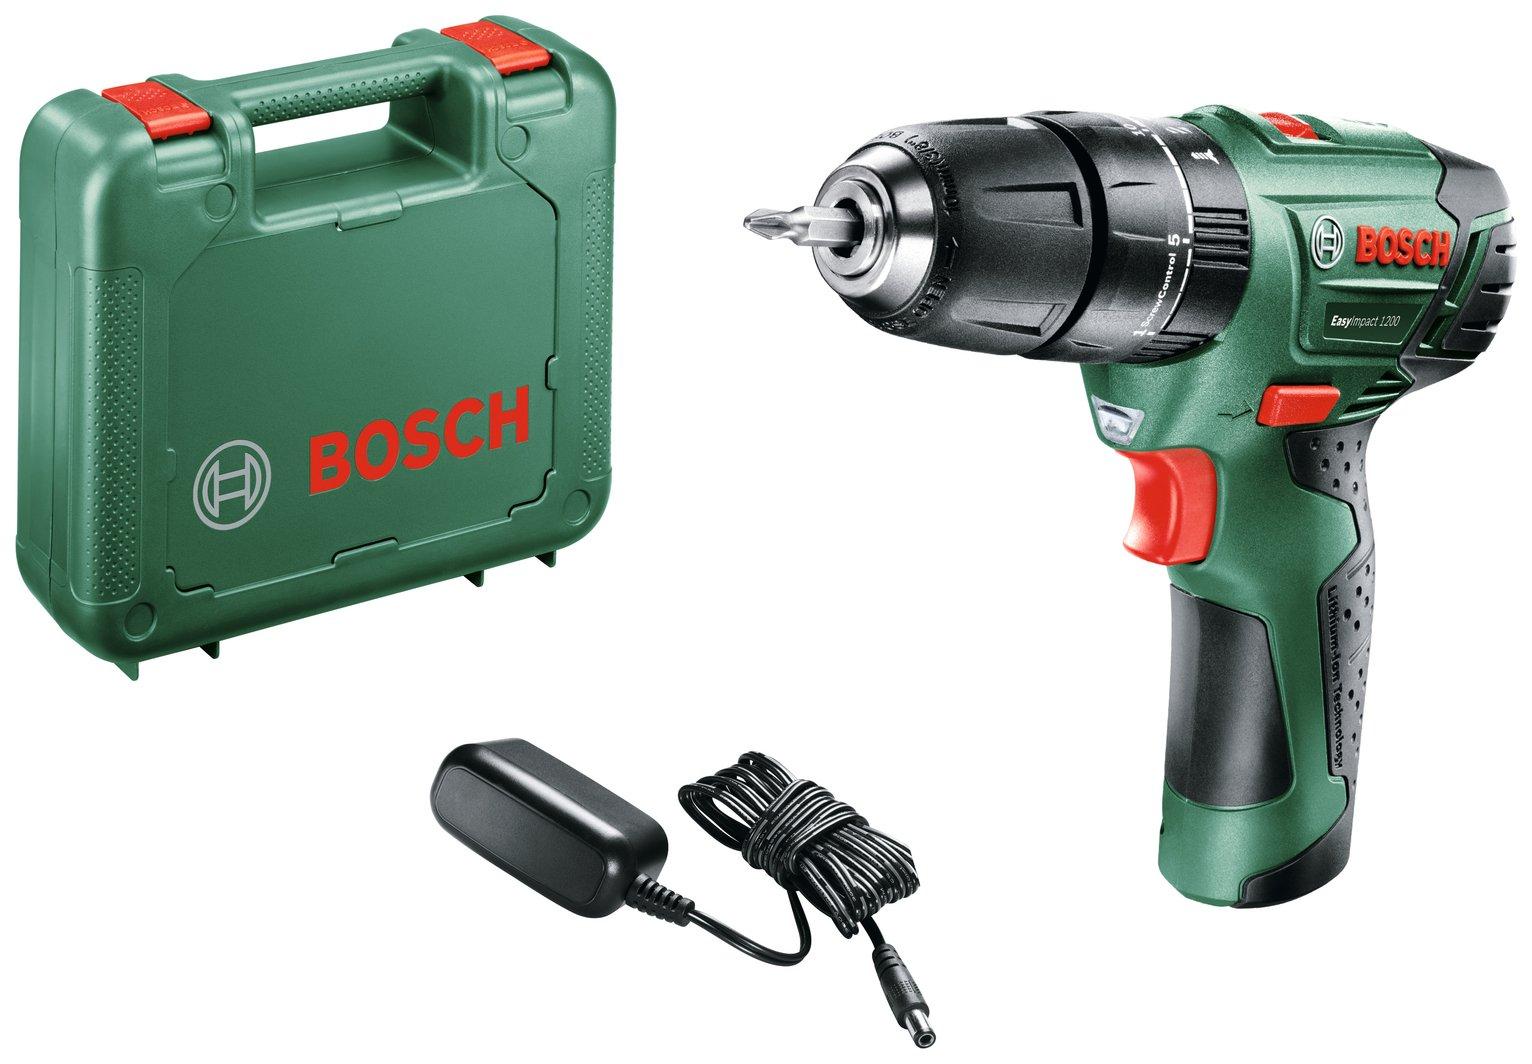 Bosch EasyImpact 1.5Ah Cordless Hammer Drill - 12V